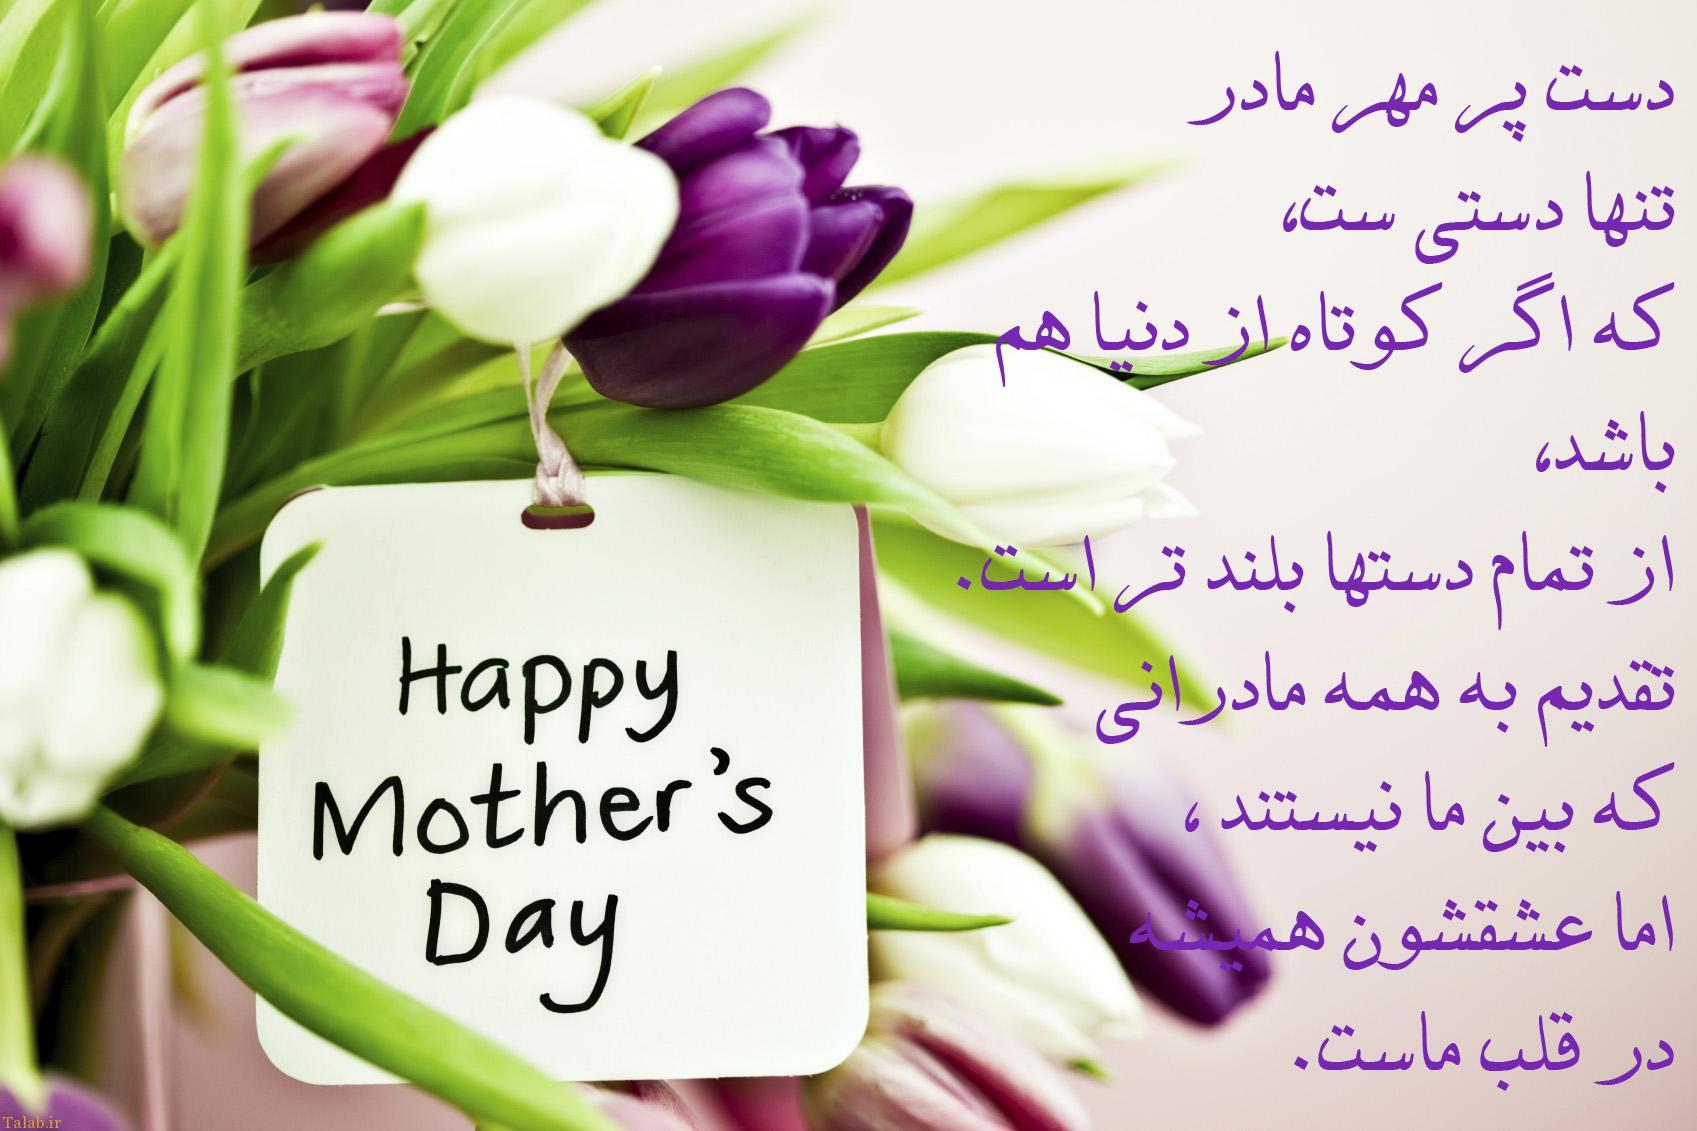 درباره تاریخچه روز مادر ، روز زن